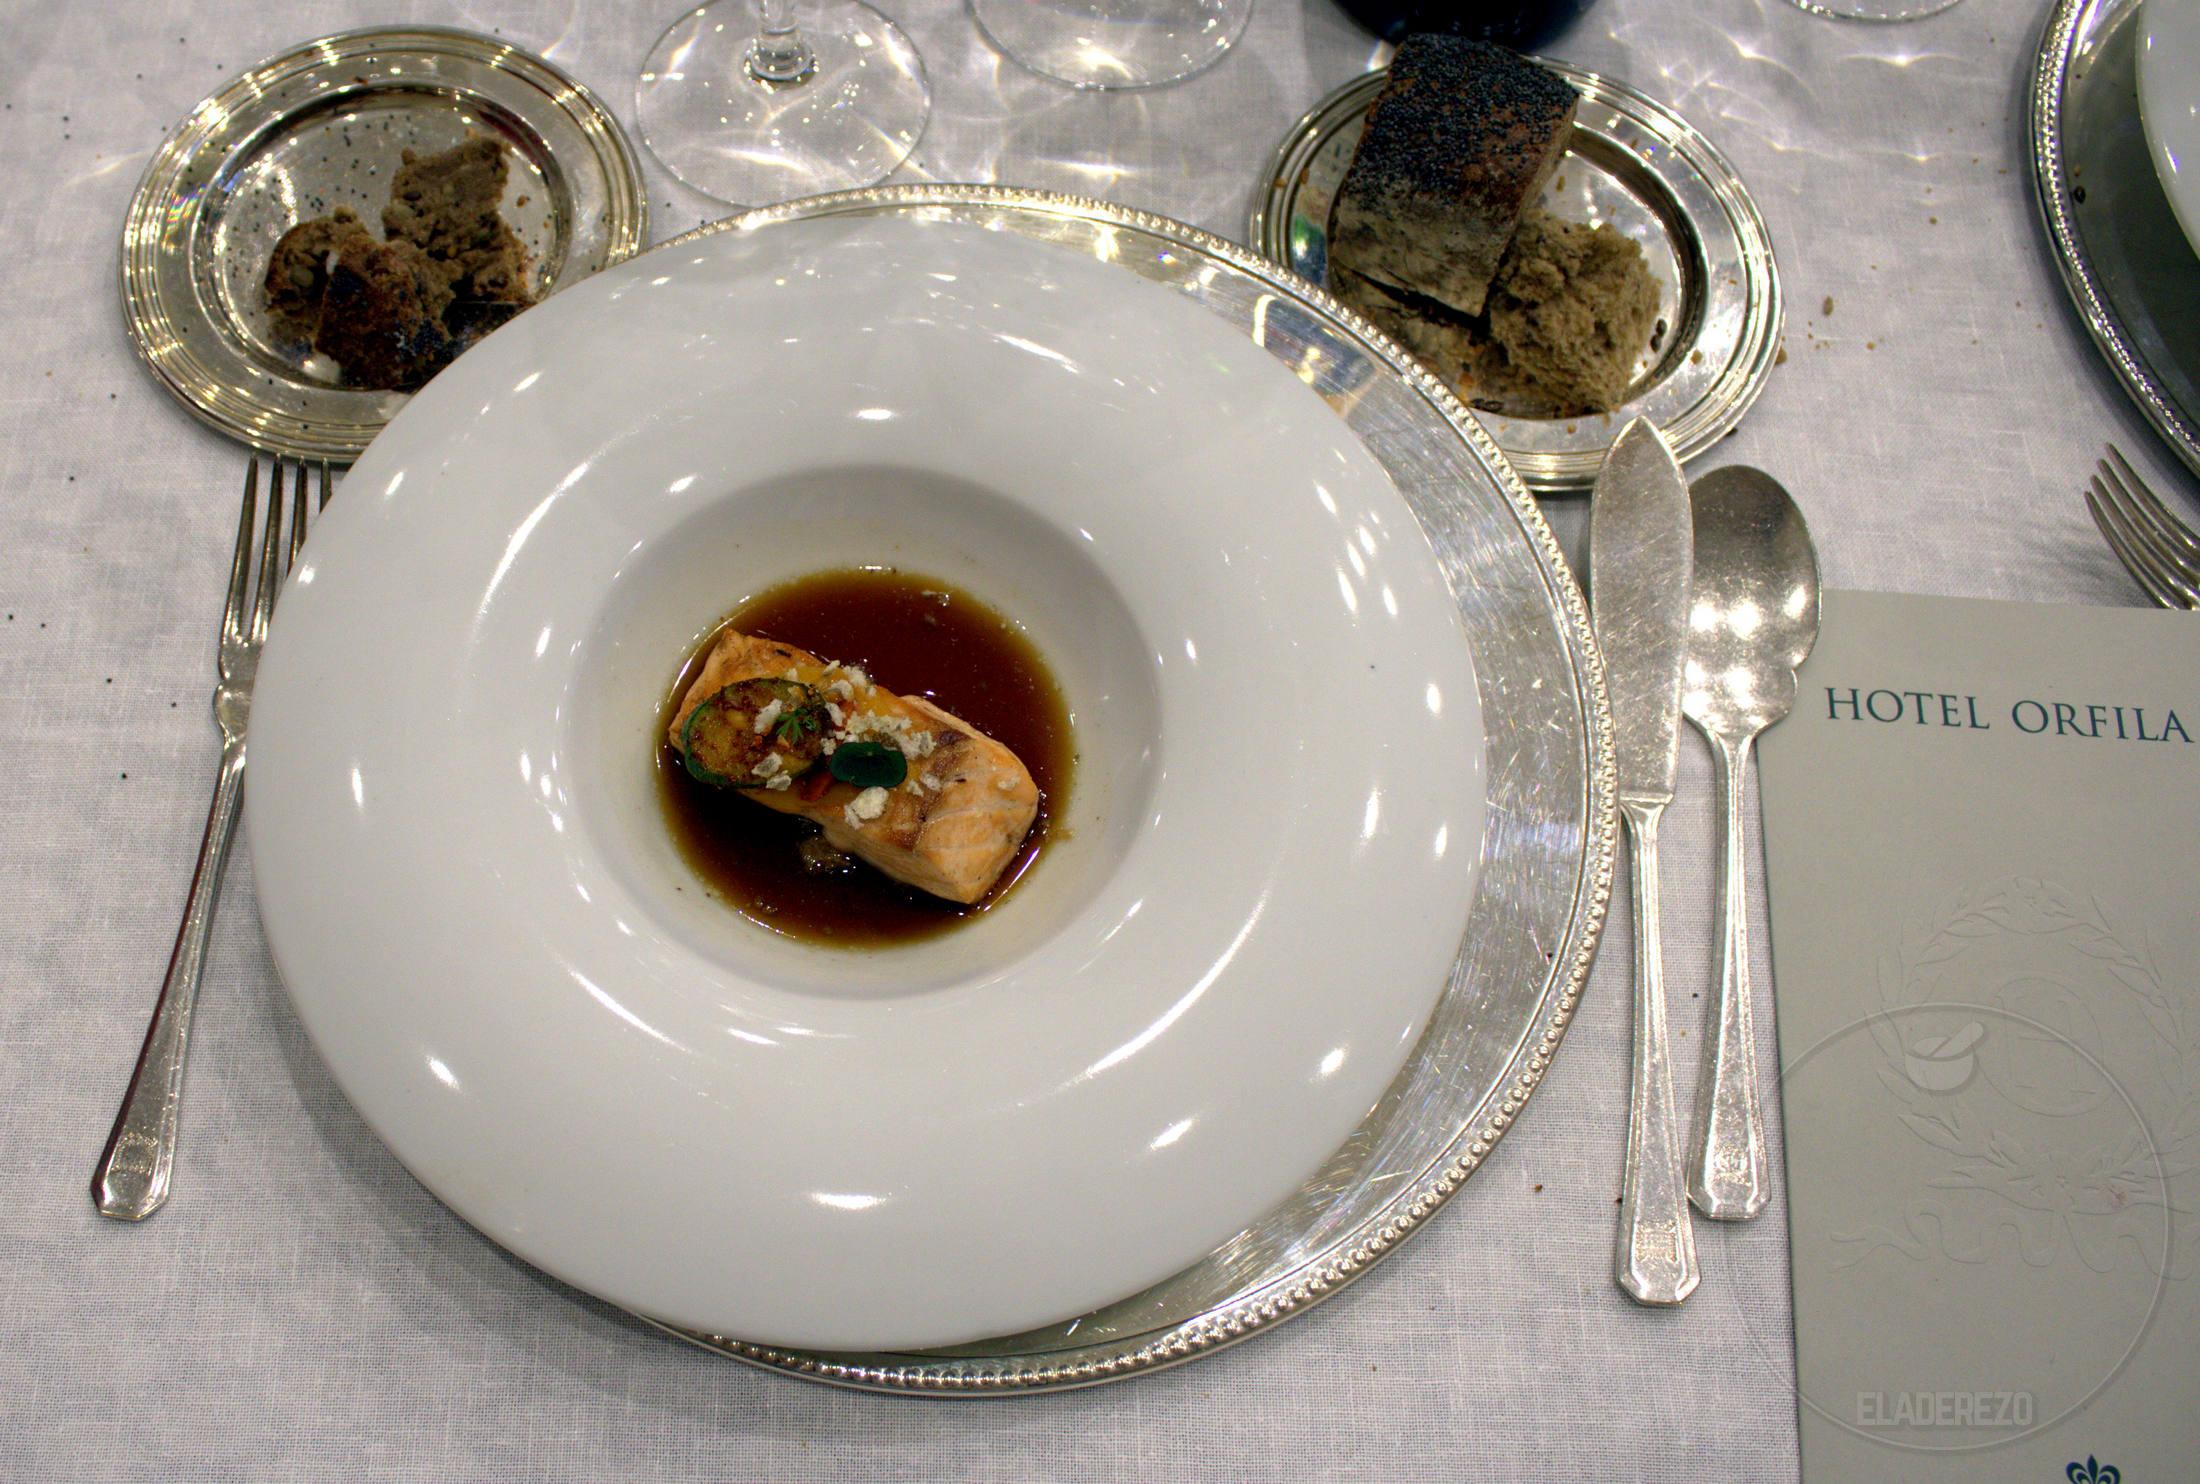 Salmon salvaje con jugo de cebolla tostada